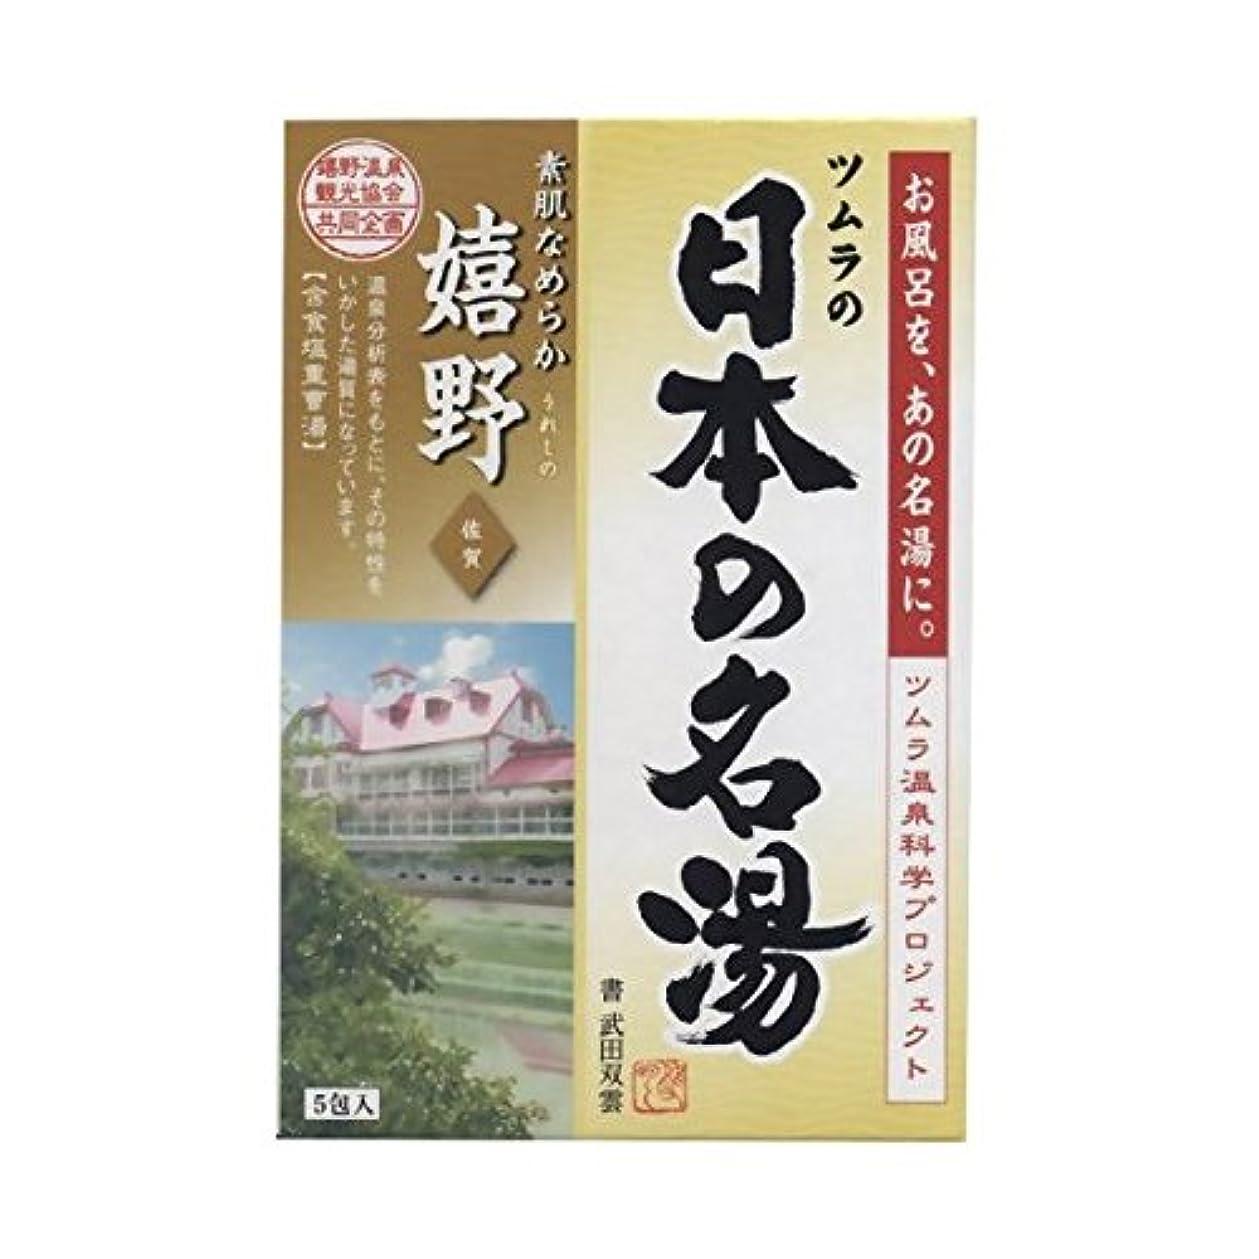 【まとめ買い】【医薬部外品】日本の名湯入浴剤 嬉野(佐賀) 30g ×5包 透明タイプ 個包装 温泉タイプ ×5個